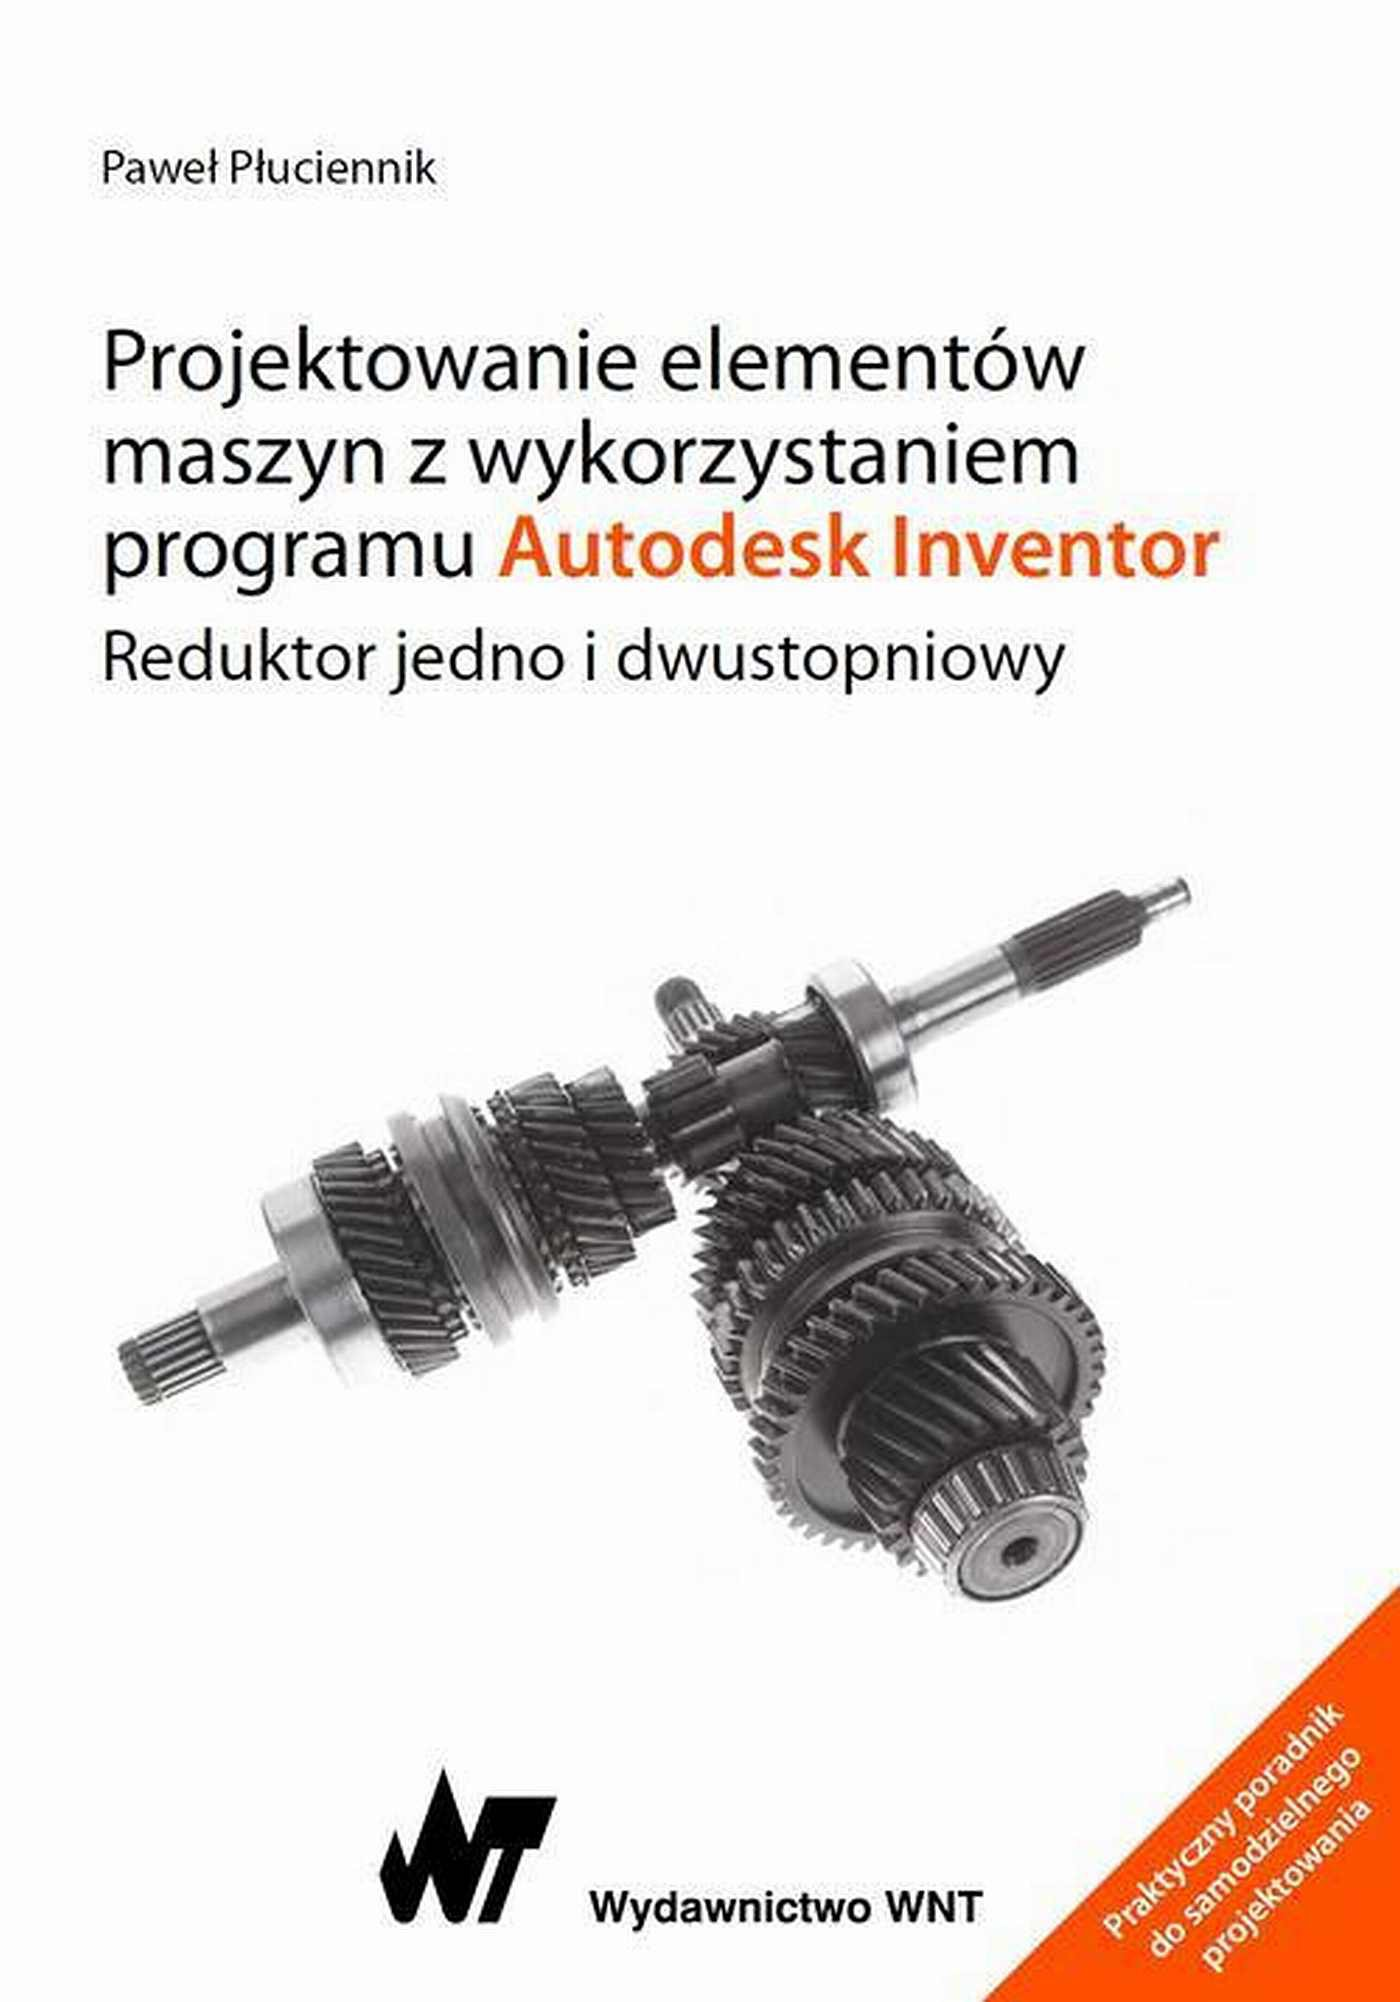 Projektowanie elementów maszyn z wykorzystaniem programu Autodesk Inventor - Ebook (Książka EPUB) do pobrania w formacie EPUB